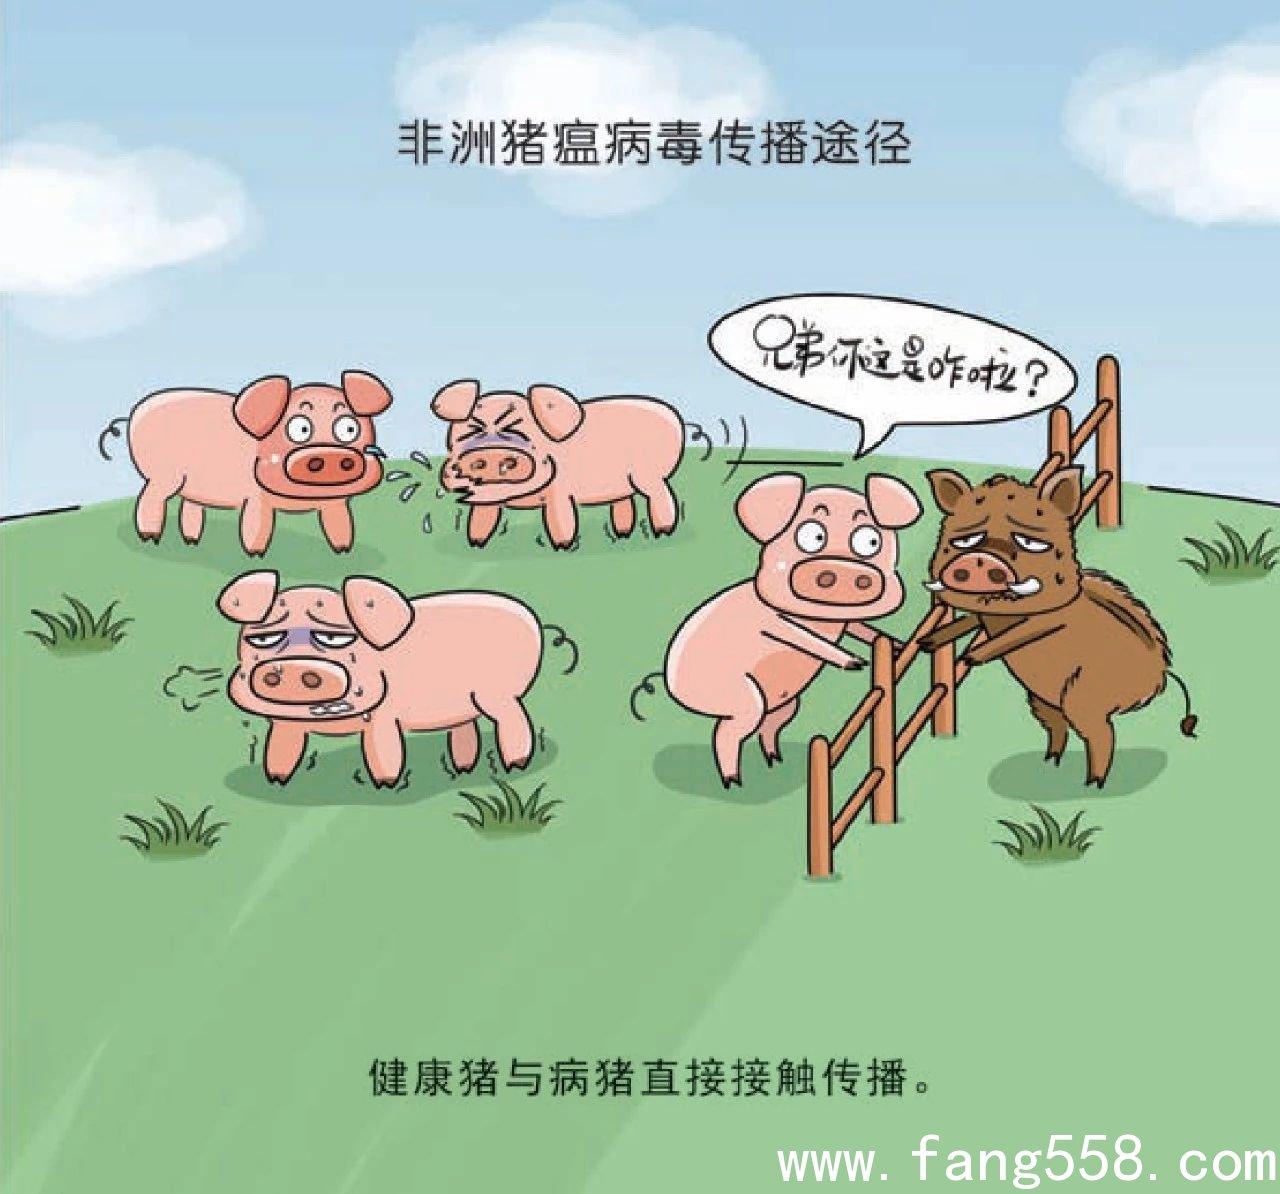 非洲猪瘟深圳权威说法都在这,非洲猪瘟尚未传入深圳市不存在断供之说